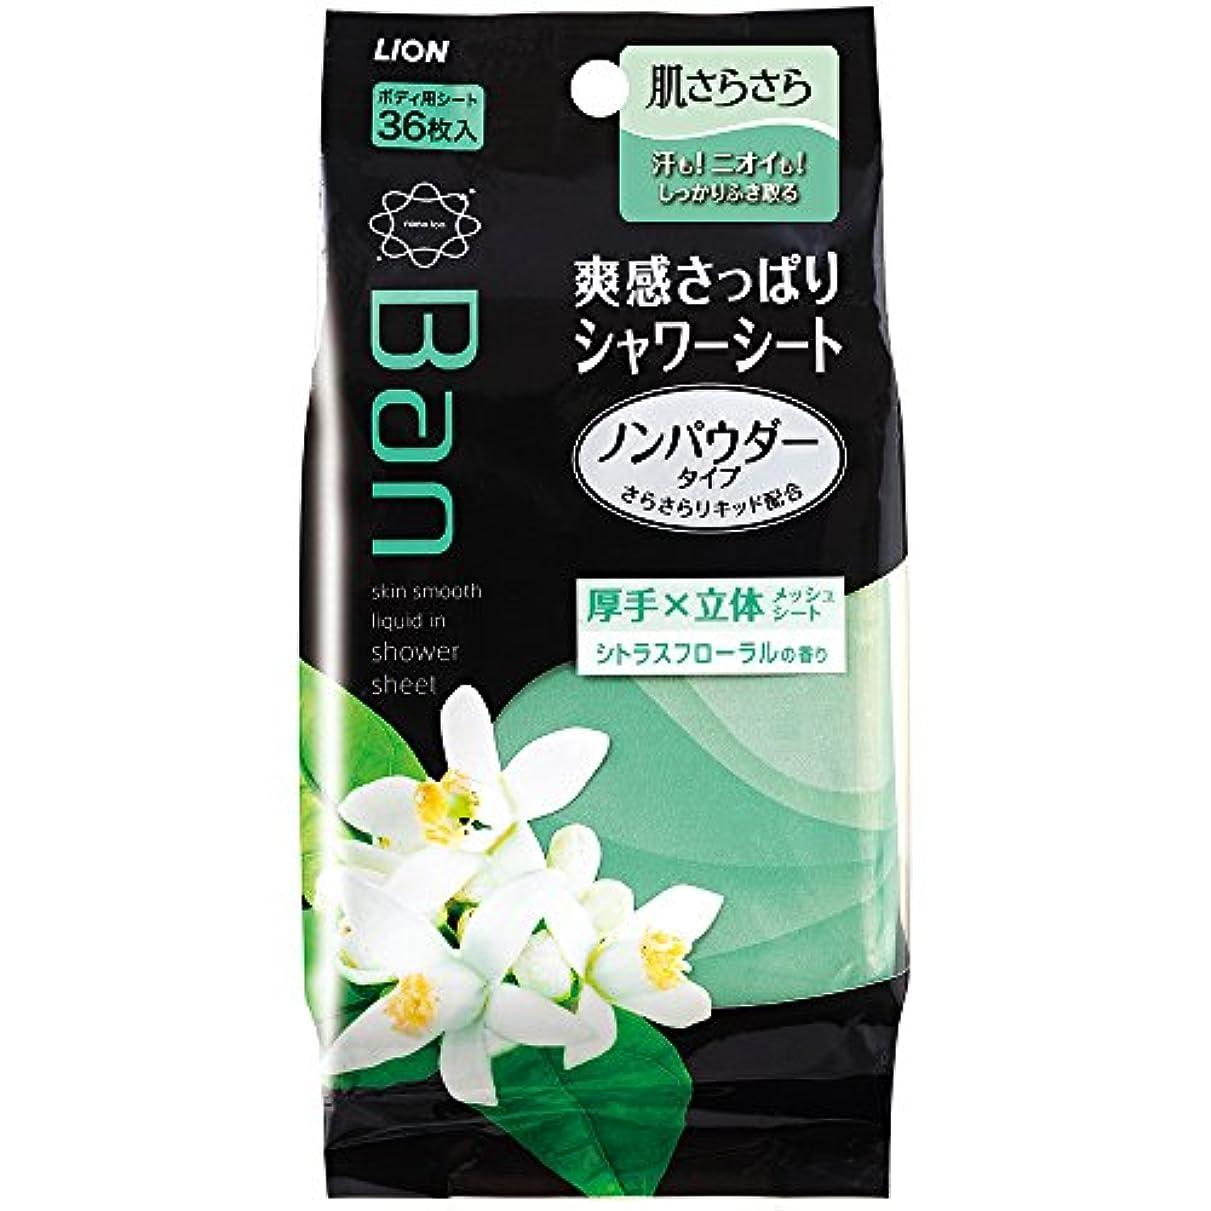 自分の力ですべてをする原子掻くBan(バン) 爽感さっぱりシャワーシート ノンパウダータイプ シトラスフローラルの香り 36枚